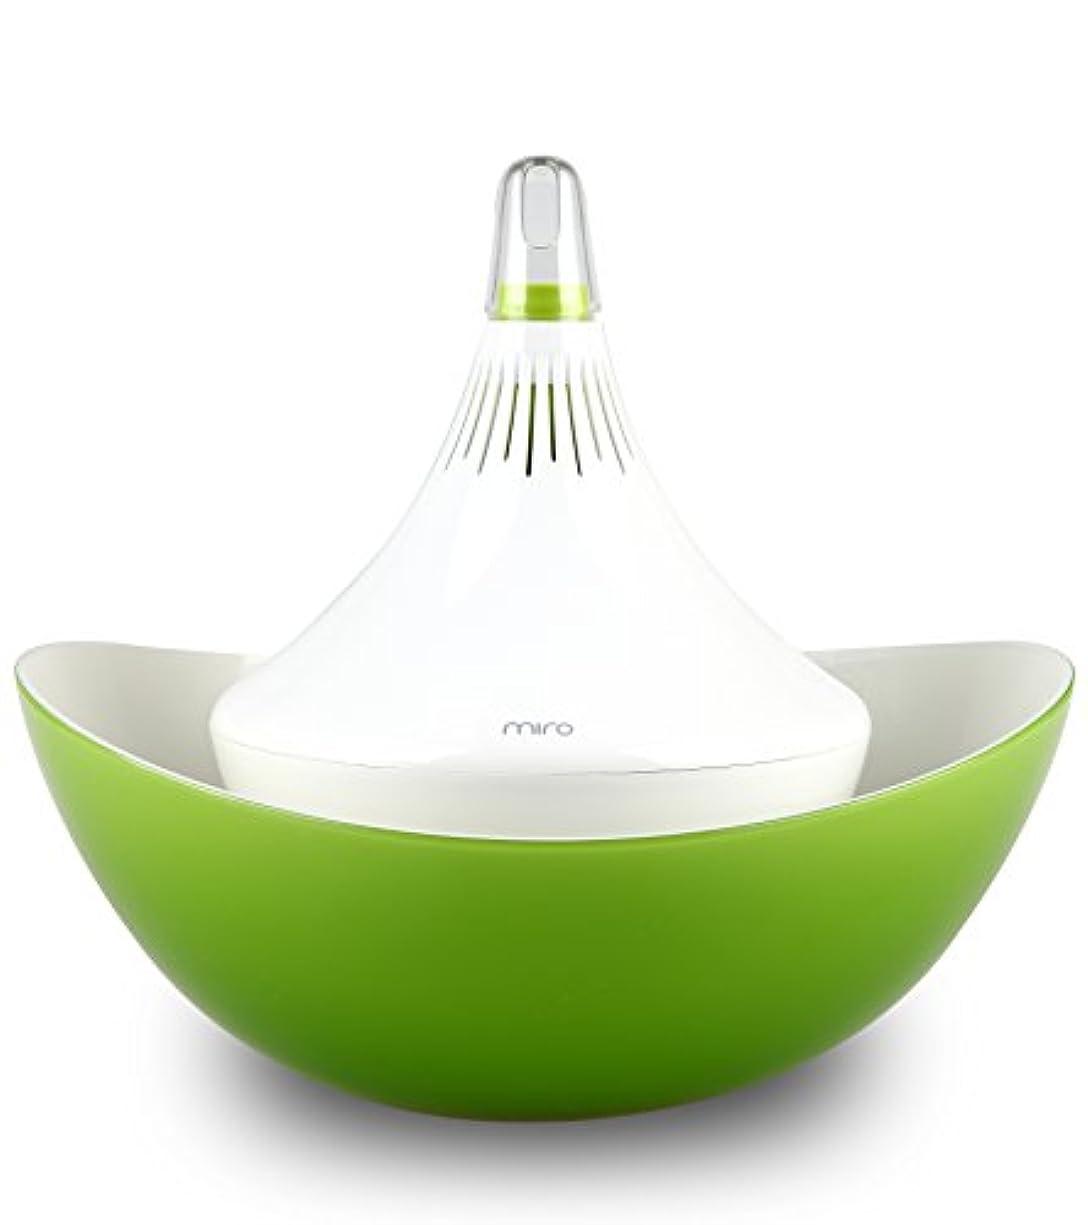 肥料下線疼痛Miro CleanPot Cool-Mist Humidifier and Aroma Oil Diffuser - (Bowl included) by Miro